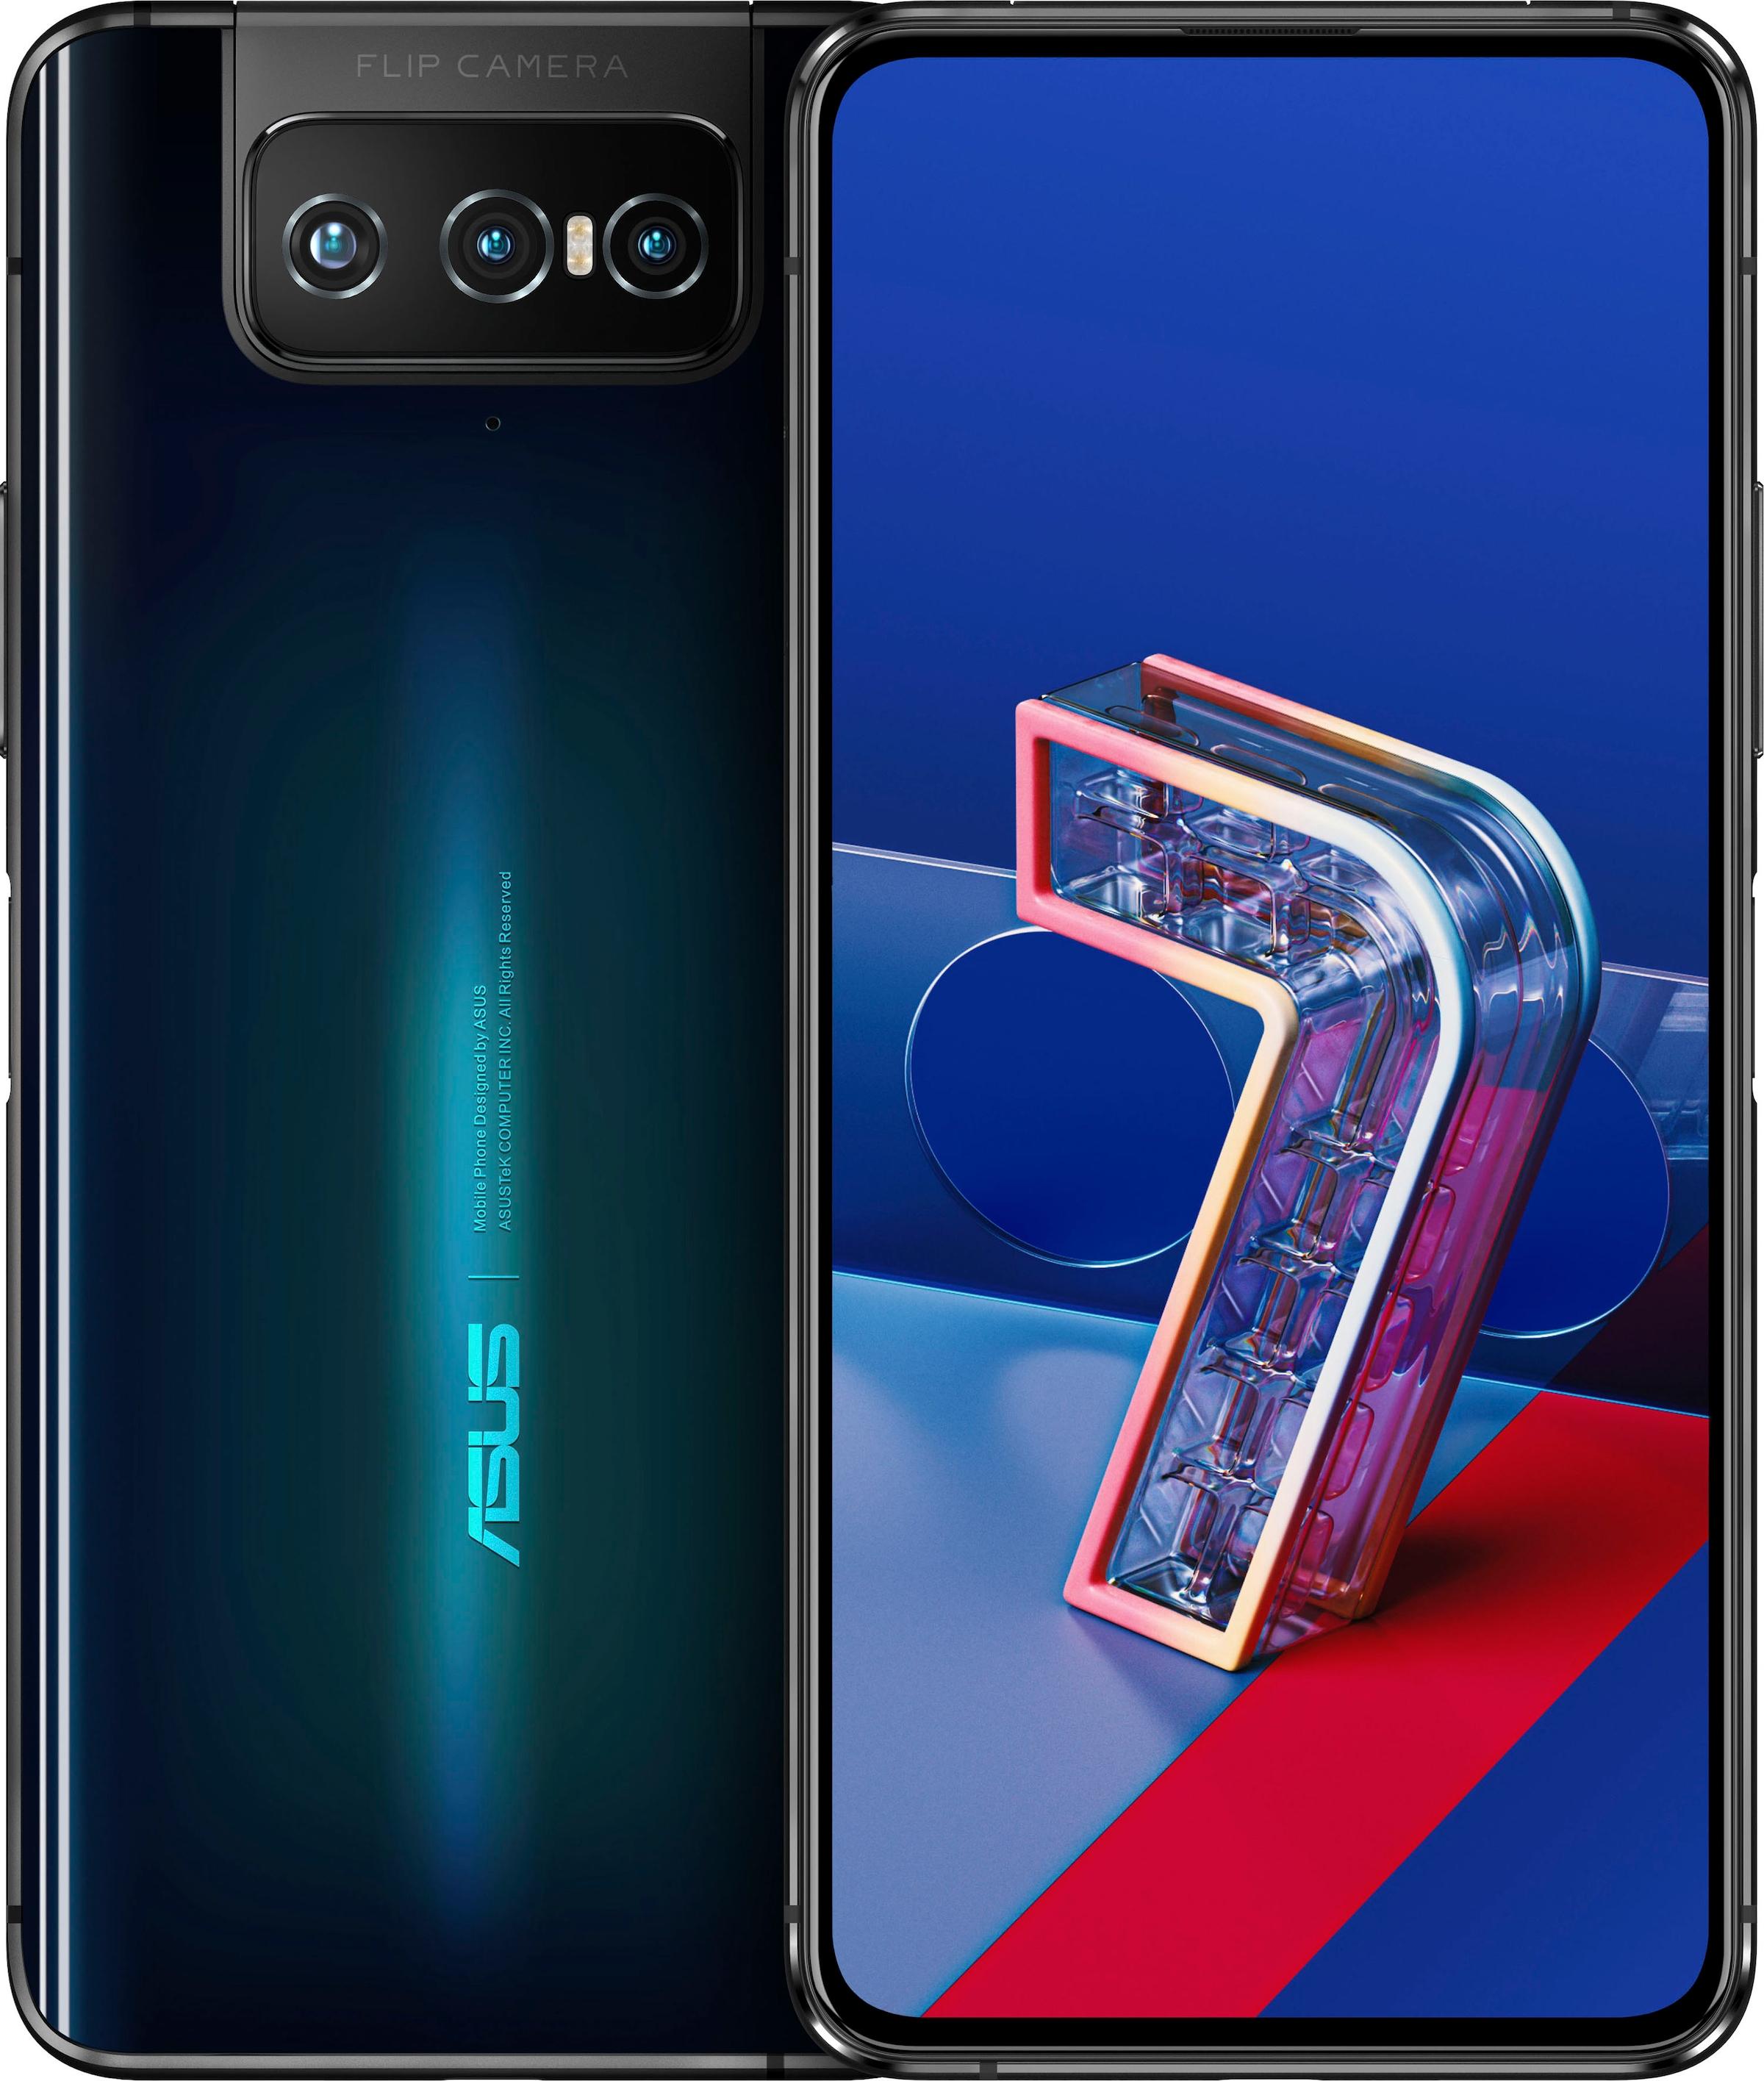 Asus Smartphone »Zenfone 7«, (16,94 cm/6,67